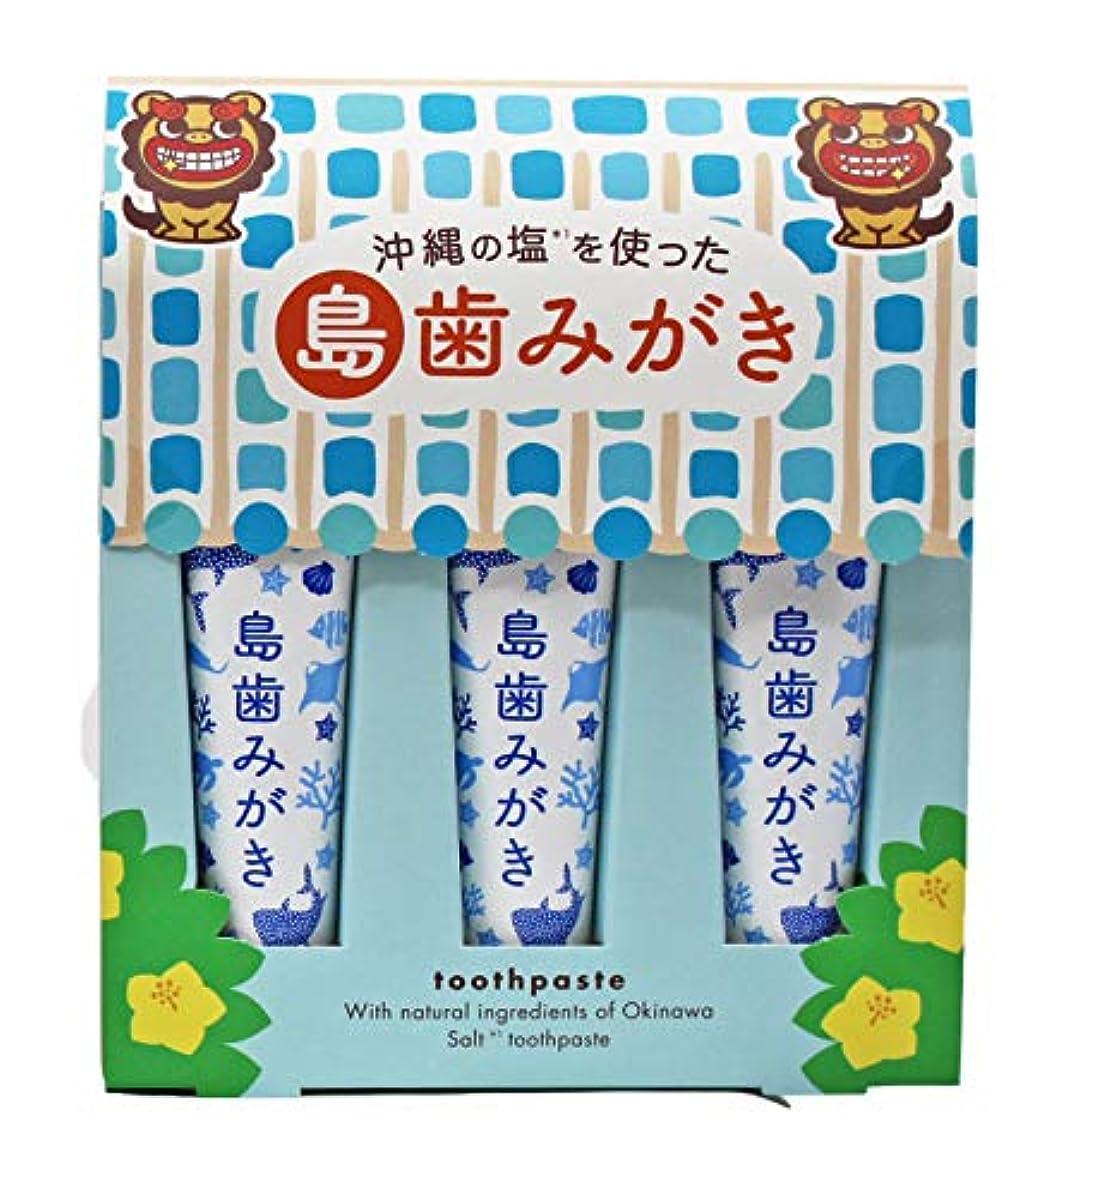 委員会チャート赤沖縄の塩を使った島歯みがき (藍色) 15g×3本入り